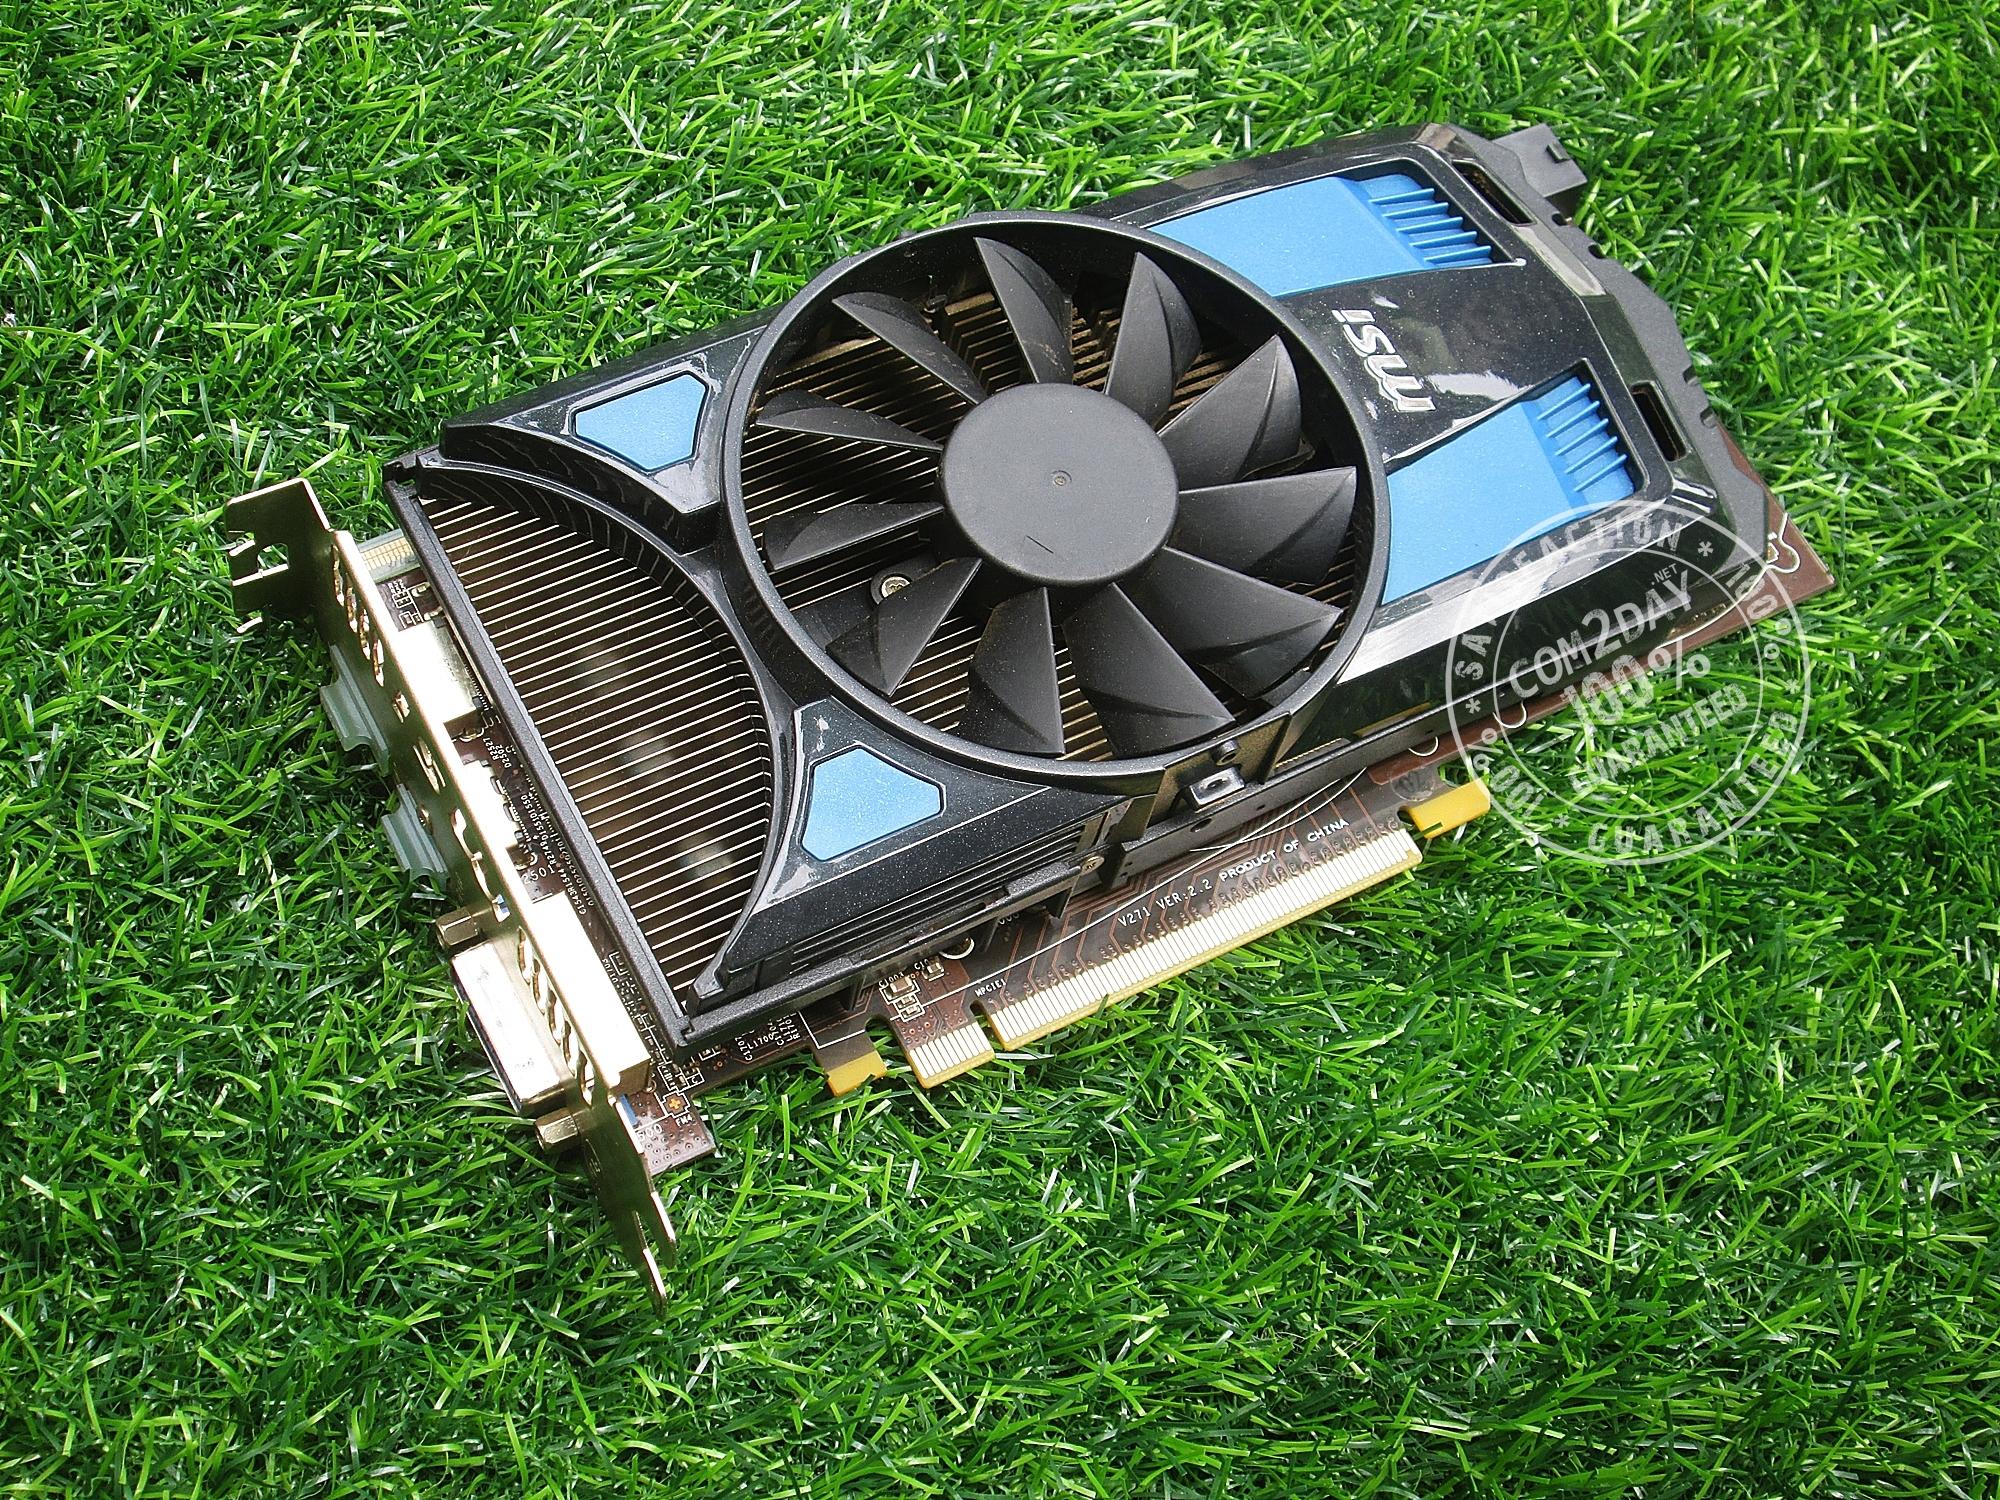 MSI R7750 Power Edition 1GB DDR5